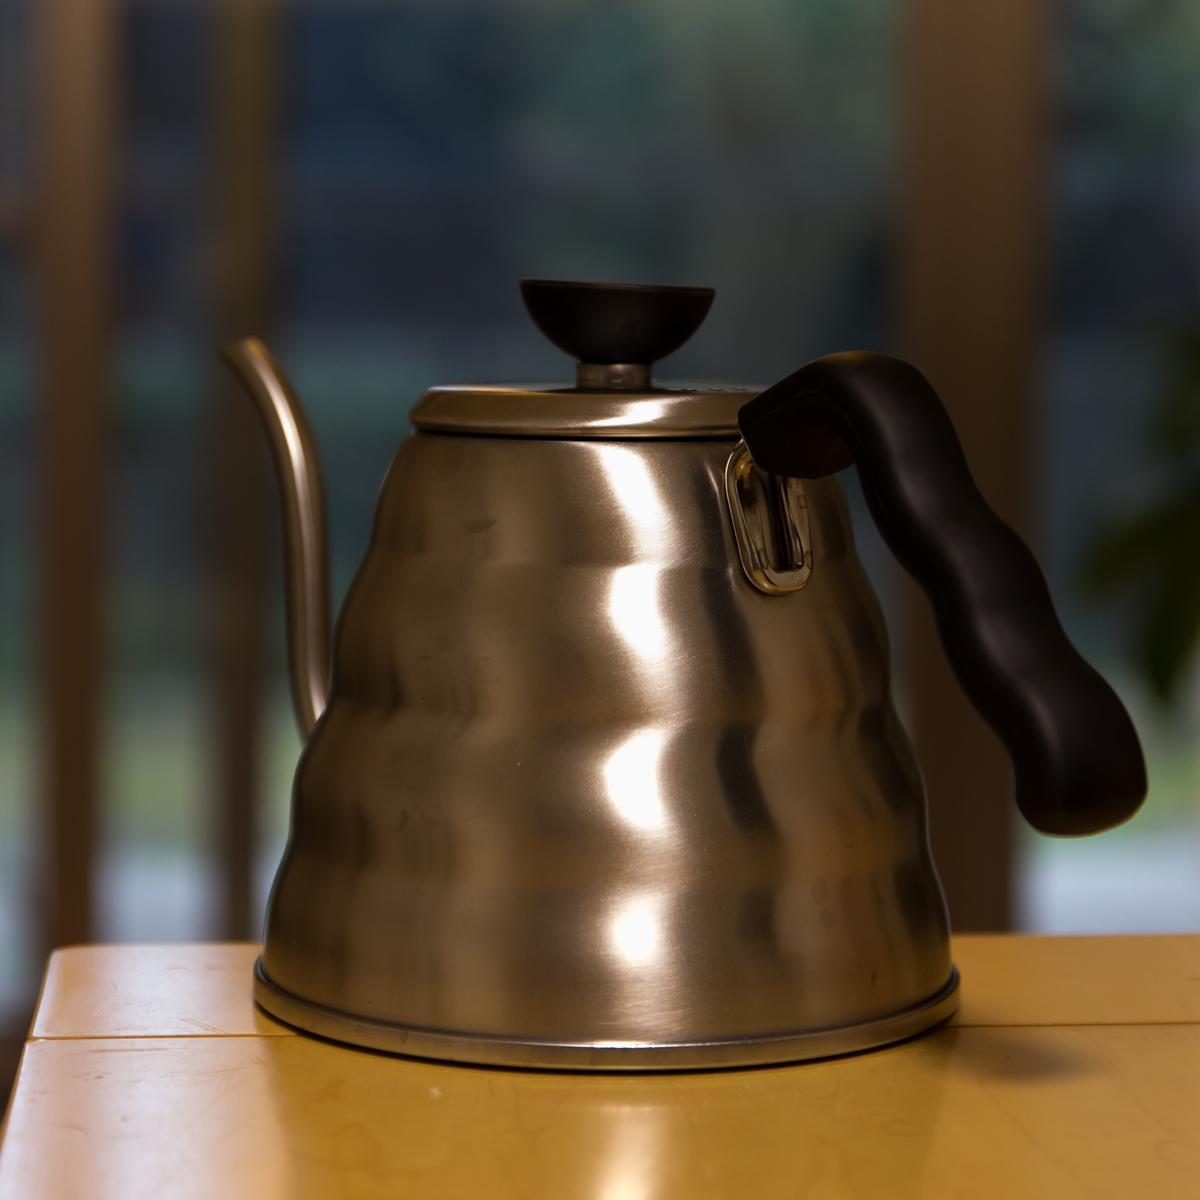 ドリップコーヒー器具(5)